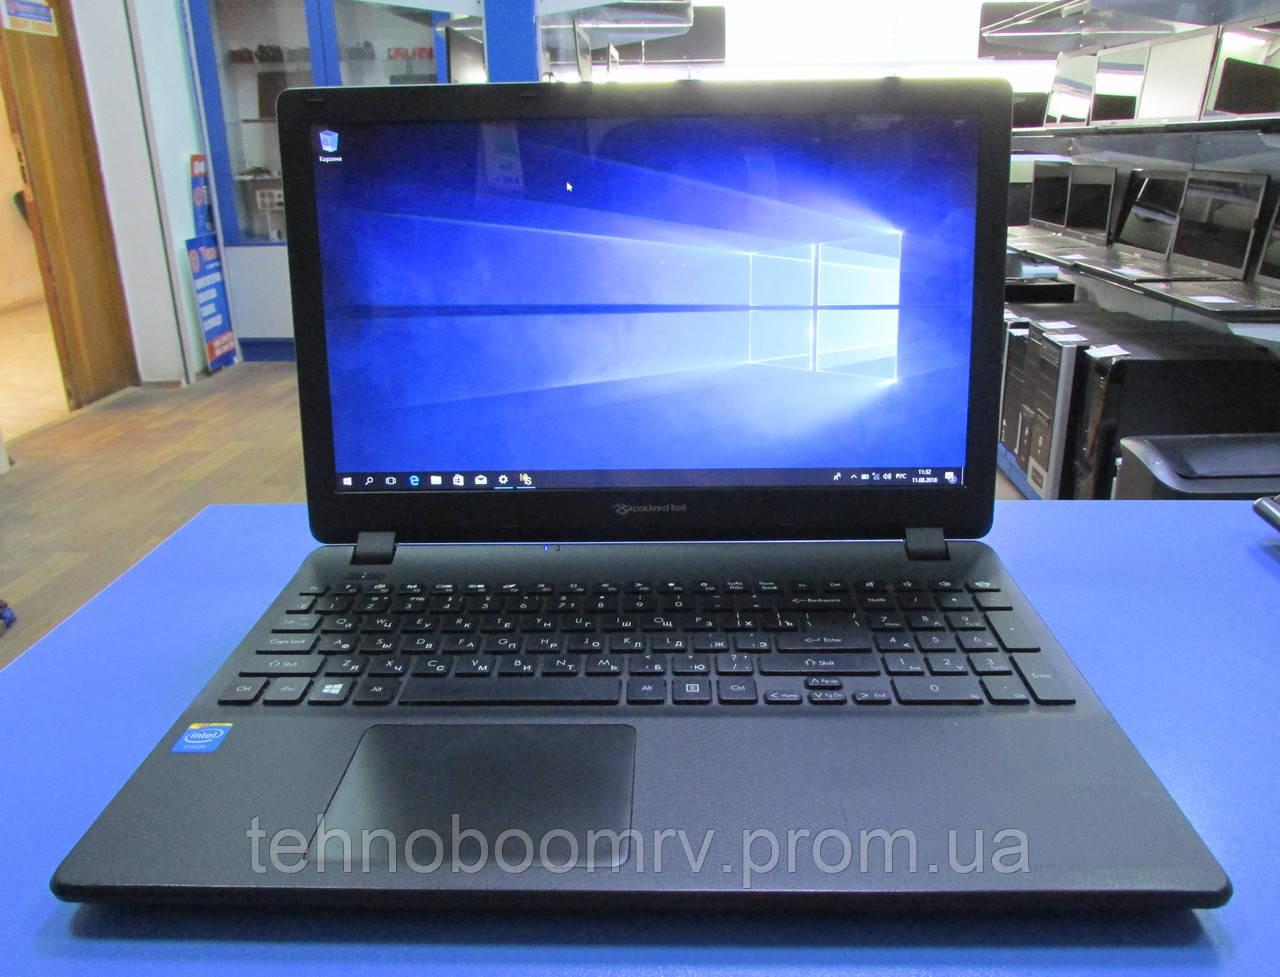 Packard Bell - Intel Celeron N2840 2.56GHz/DDR3 4GB/HDD 500GB